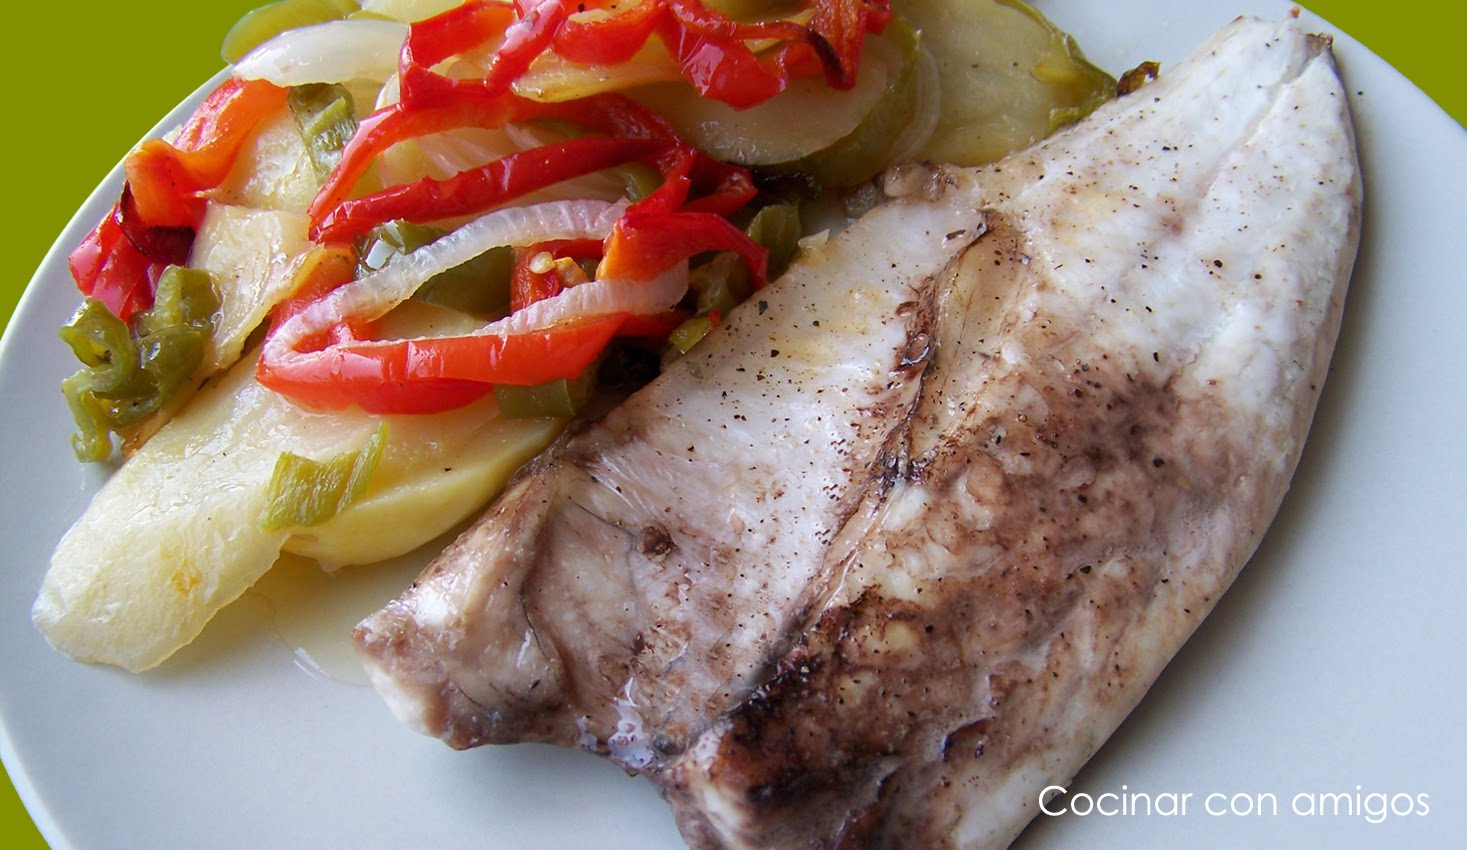 Pescado con verduras al horno cocinar con amigos for Que cocinar con verduras